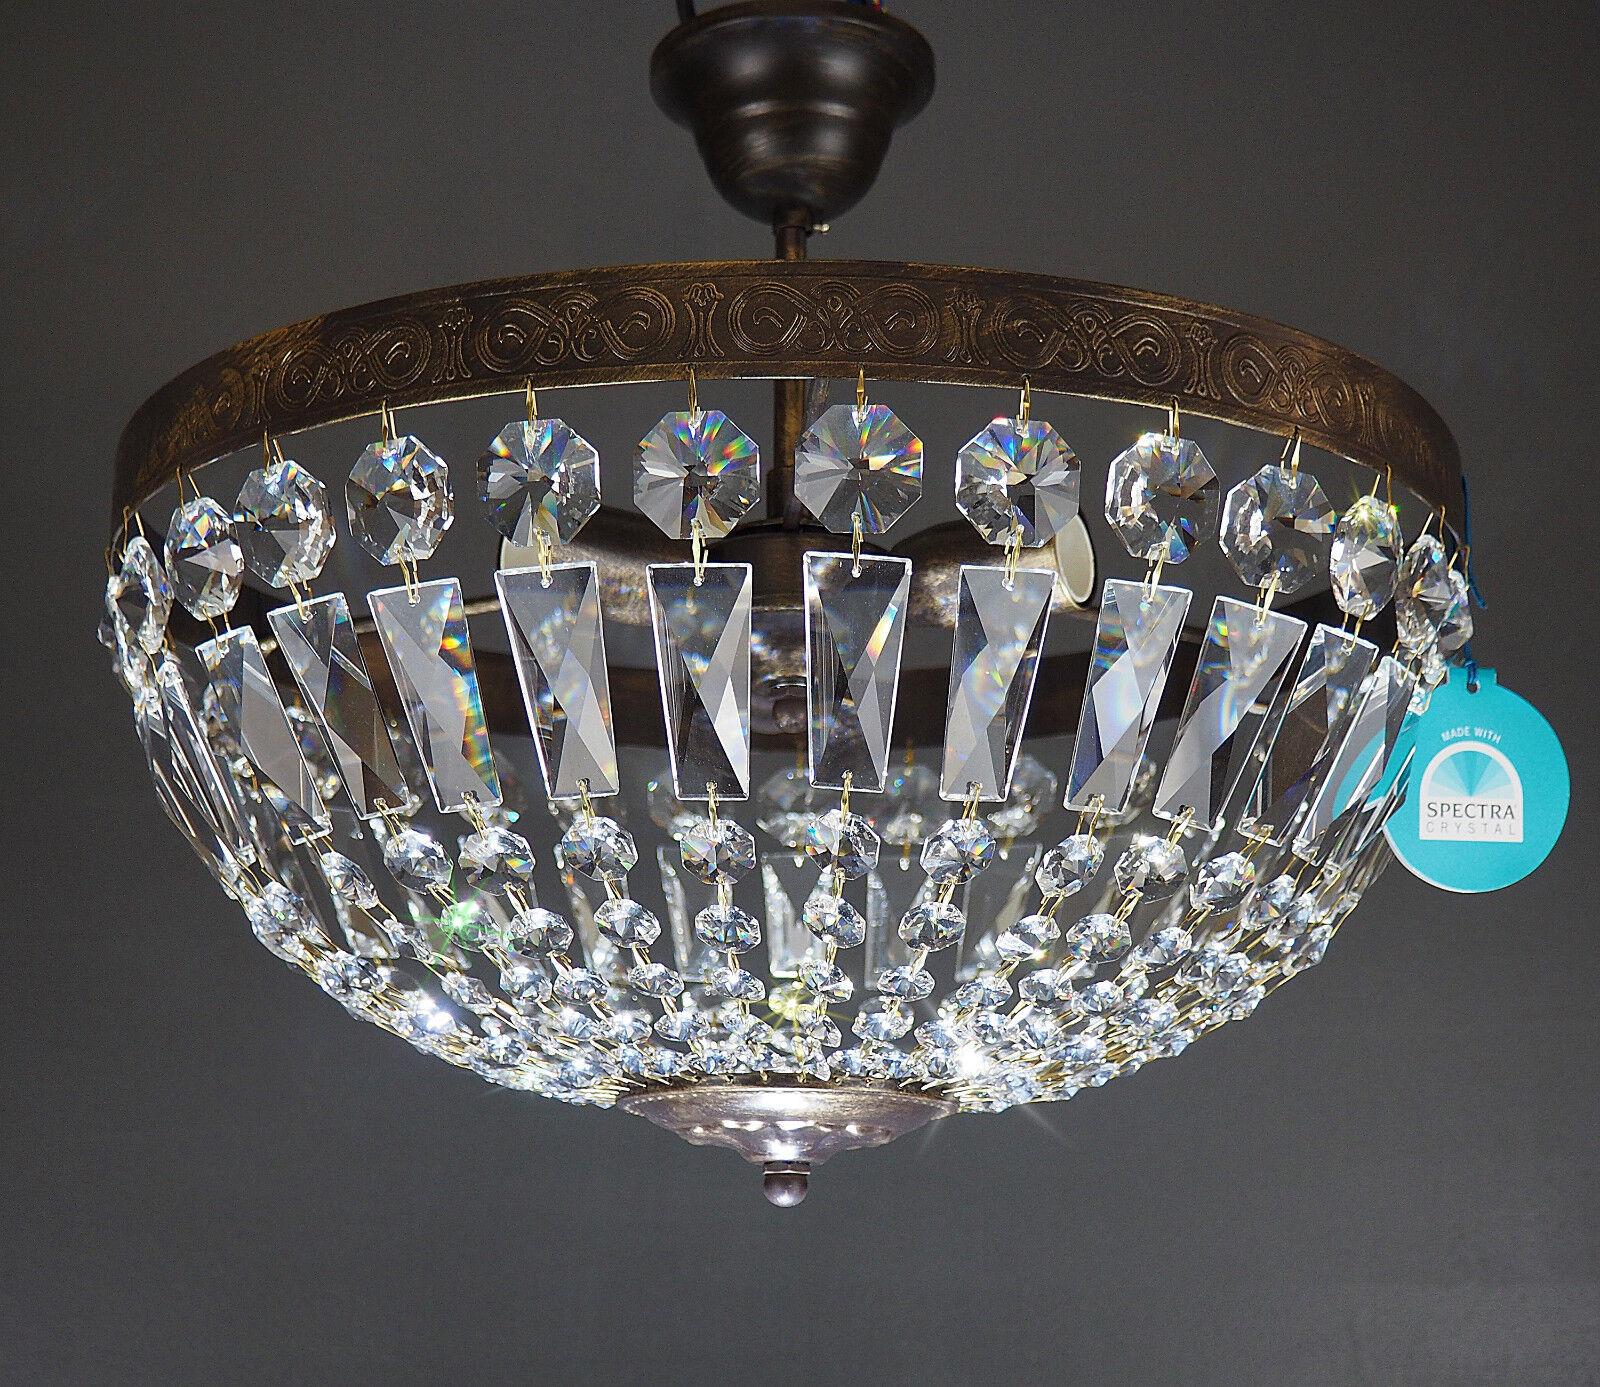 Lampada da soffitto Vienna antico 3 luci luci luci ø40cm realizzato con Spectra ® Crystal di 262863